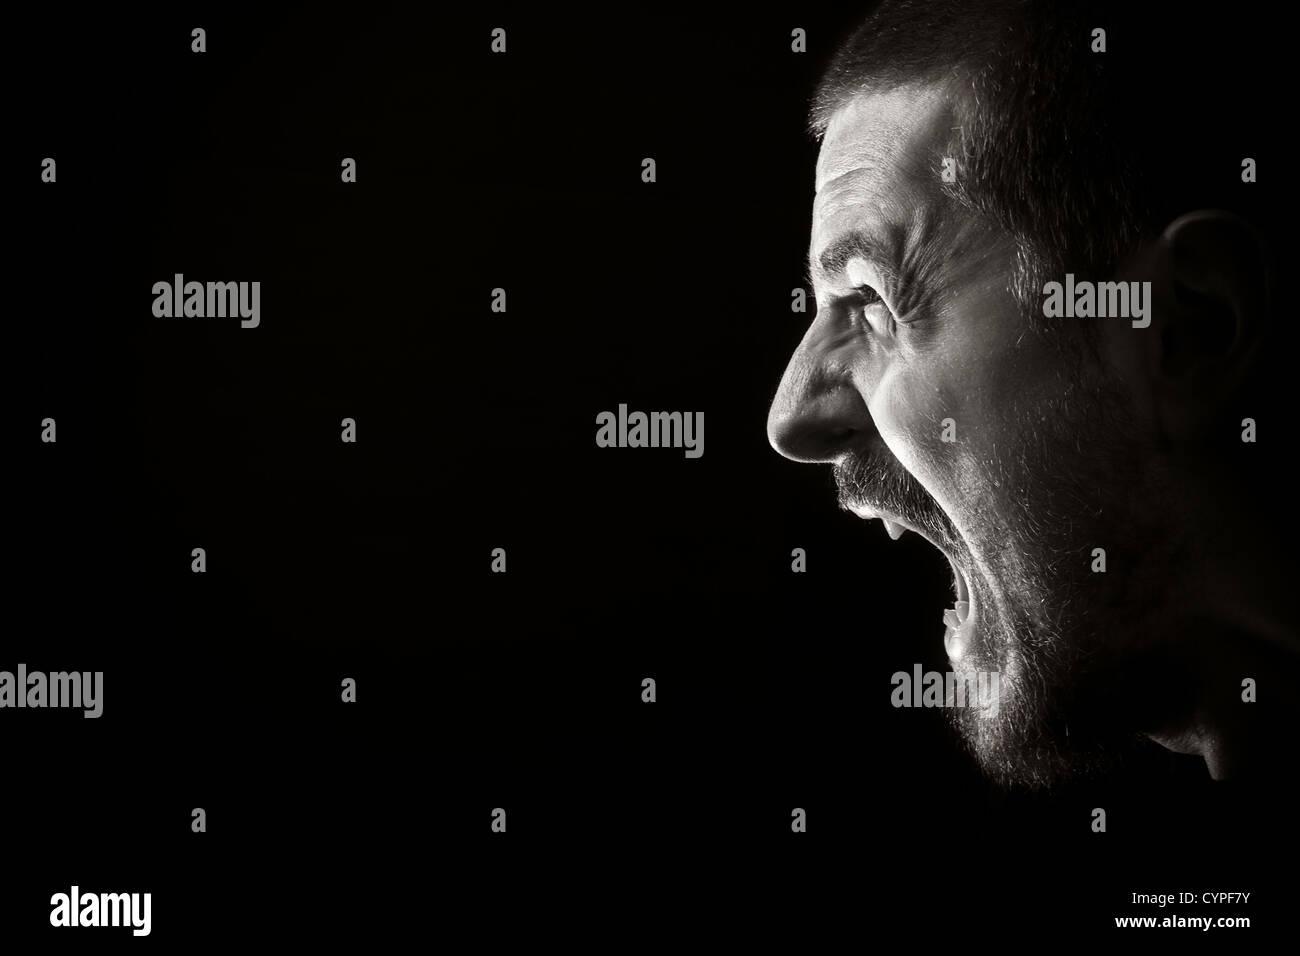 Porträt von kreischenden zorniger Mann auf schwarzem Hintergrund Stockbild